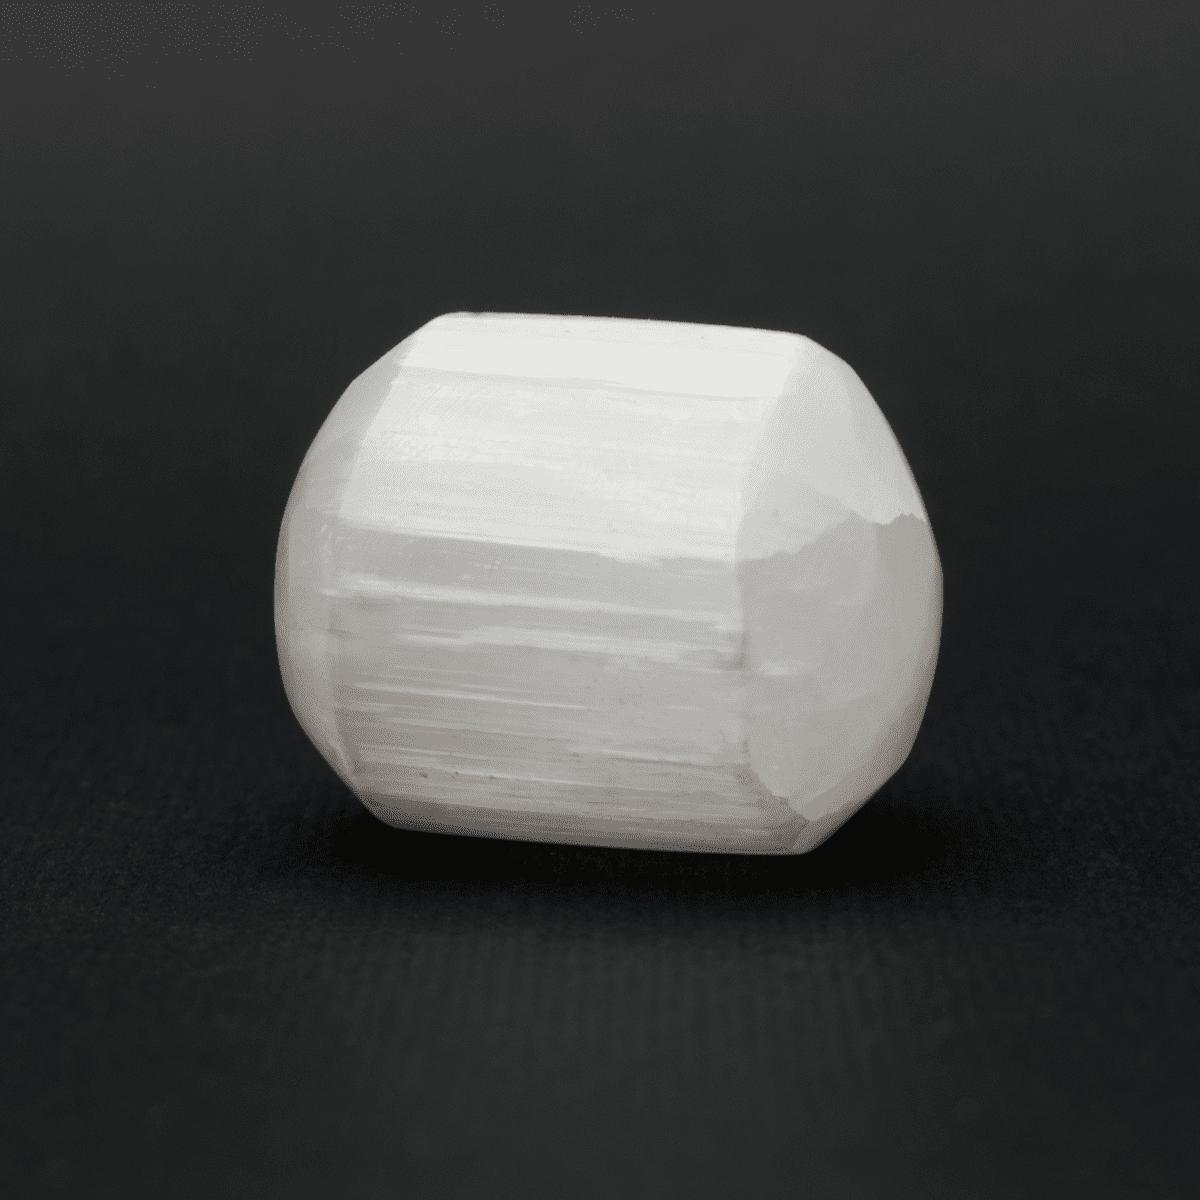 Milujeme Kameny - selenit bily tromlovaný kámen - valecek